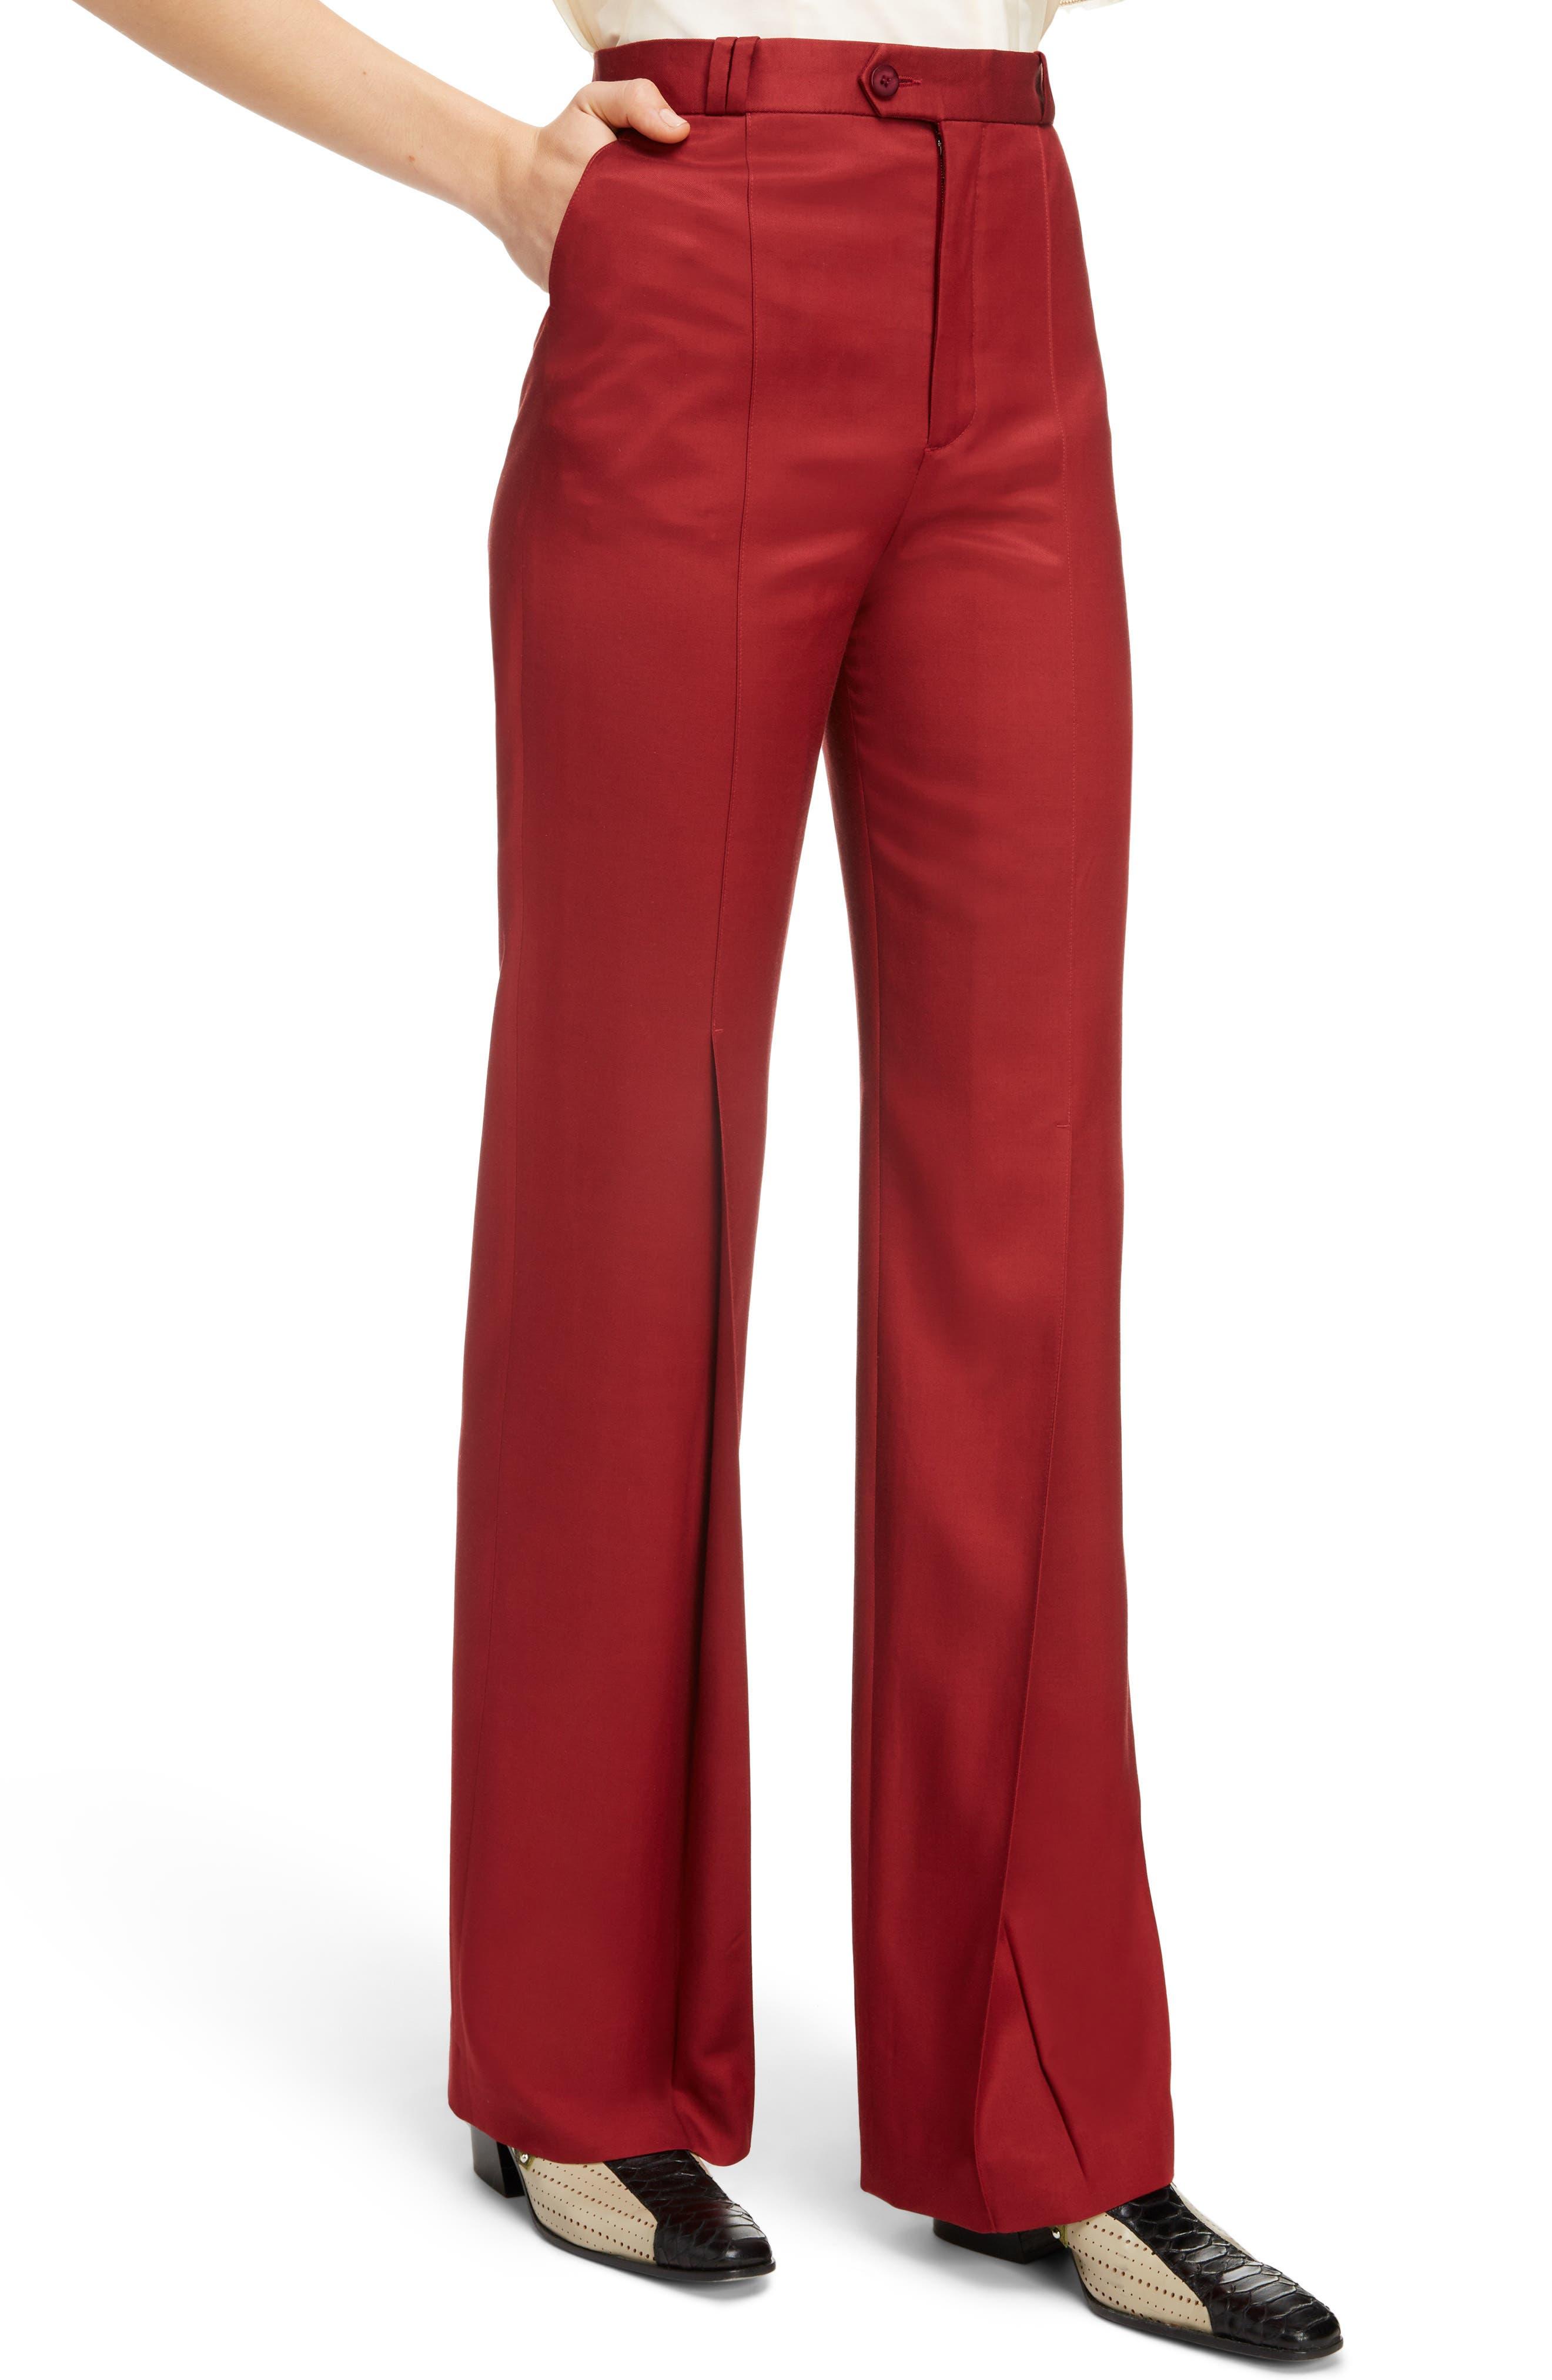 Tohny Suit Pants,                             Alternate thumbnail 5, color,                             Crimson Red